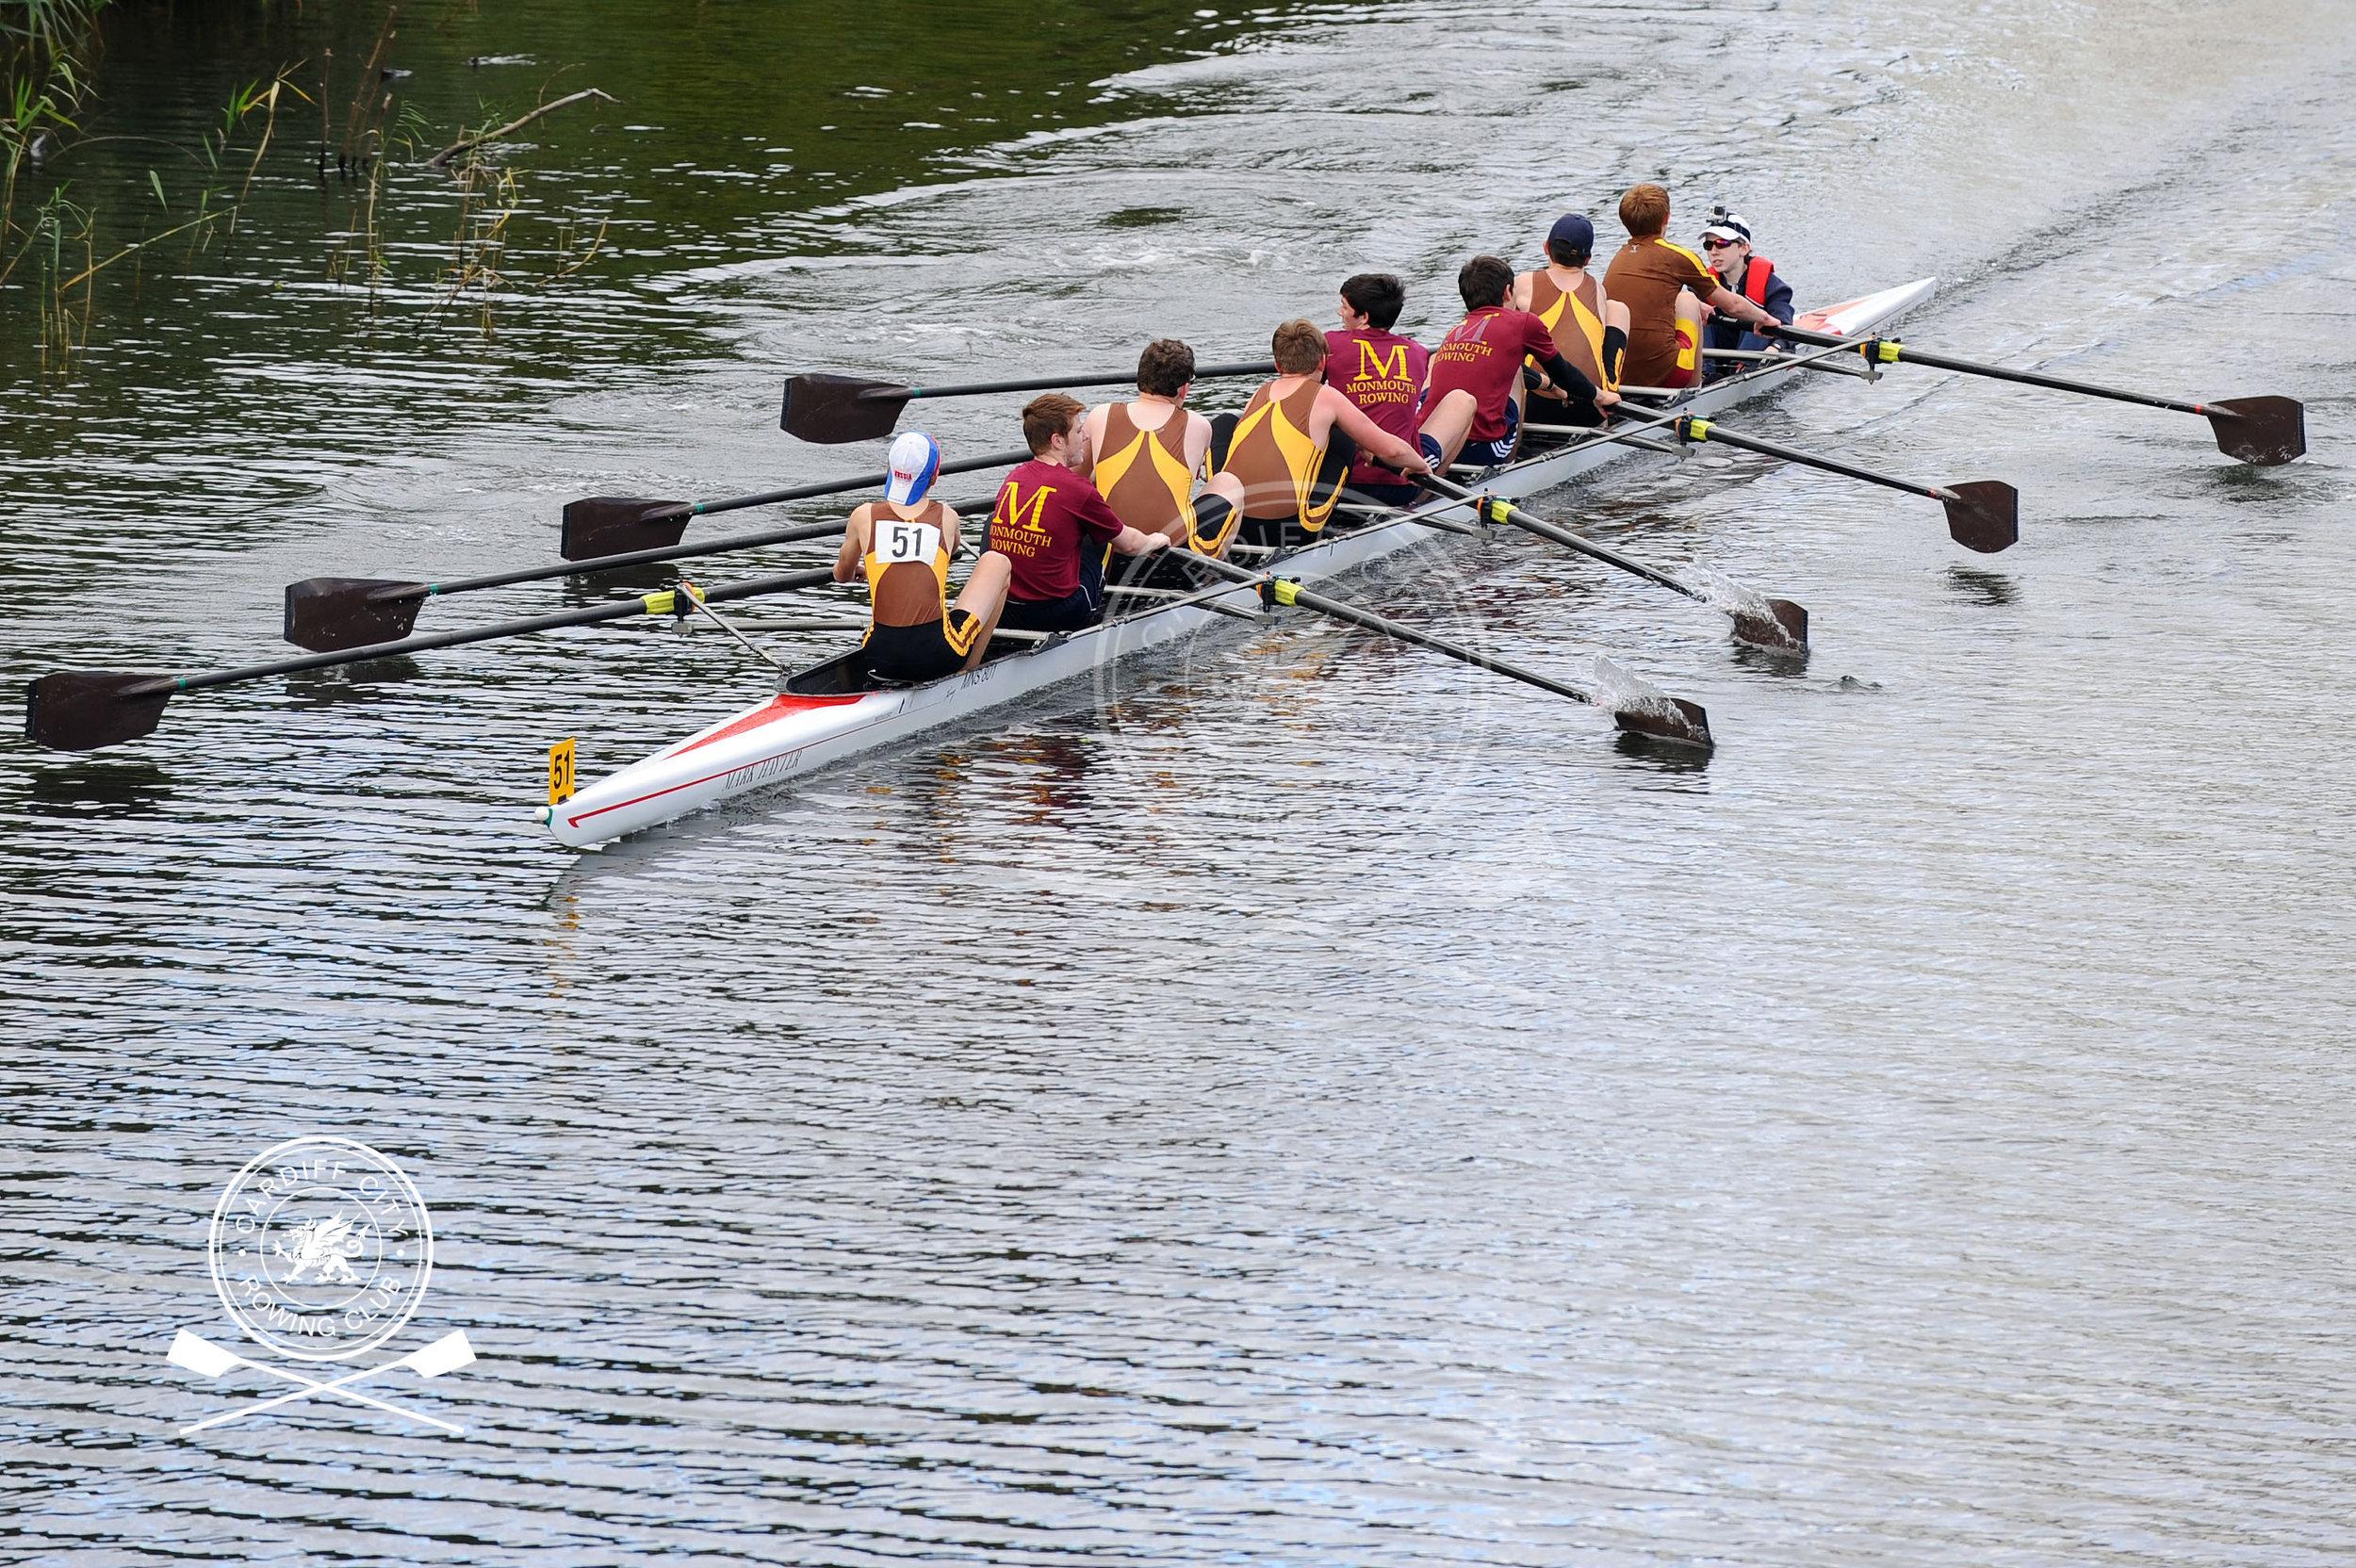 Cardiff_City_Head_Race_217.jpg